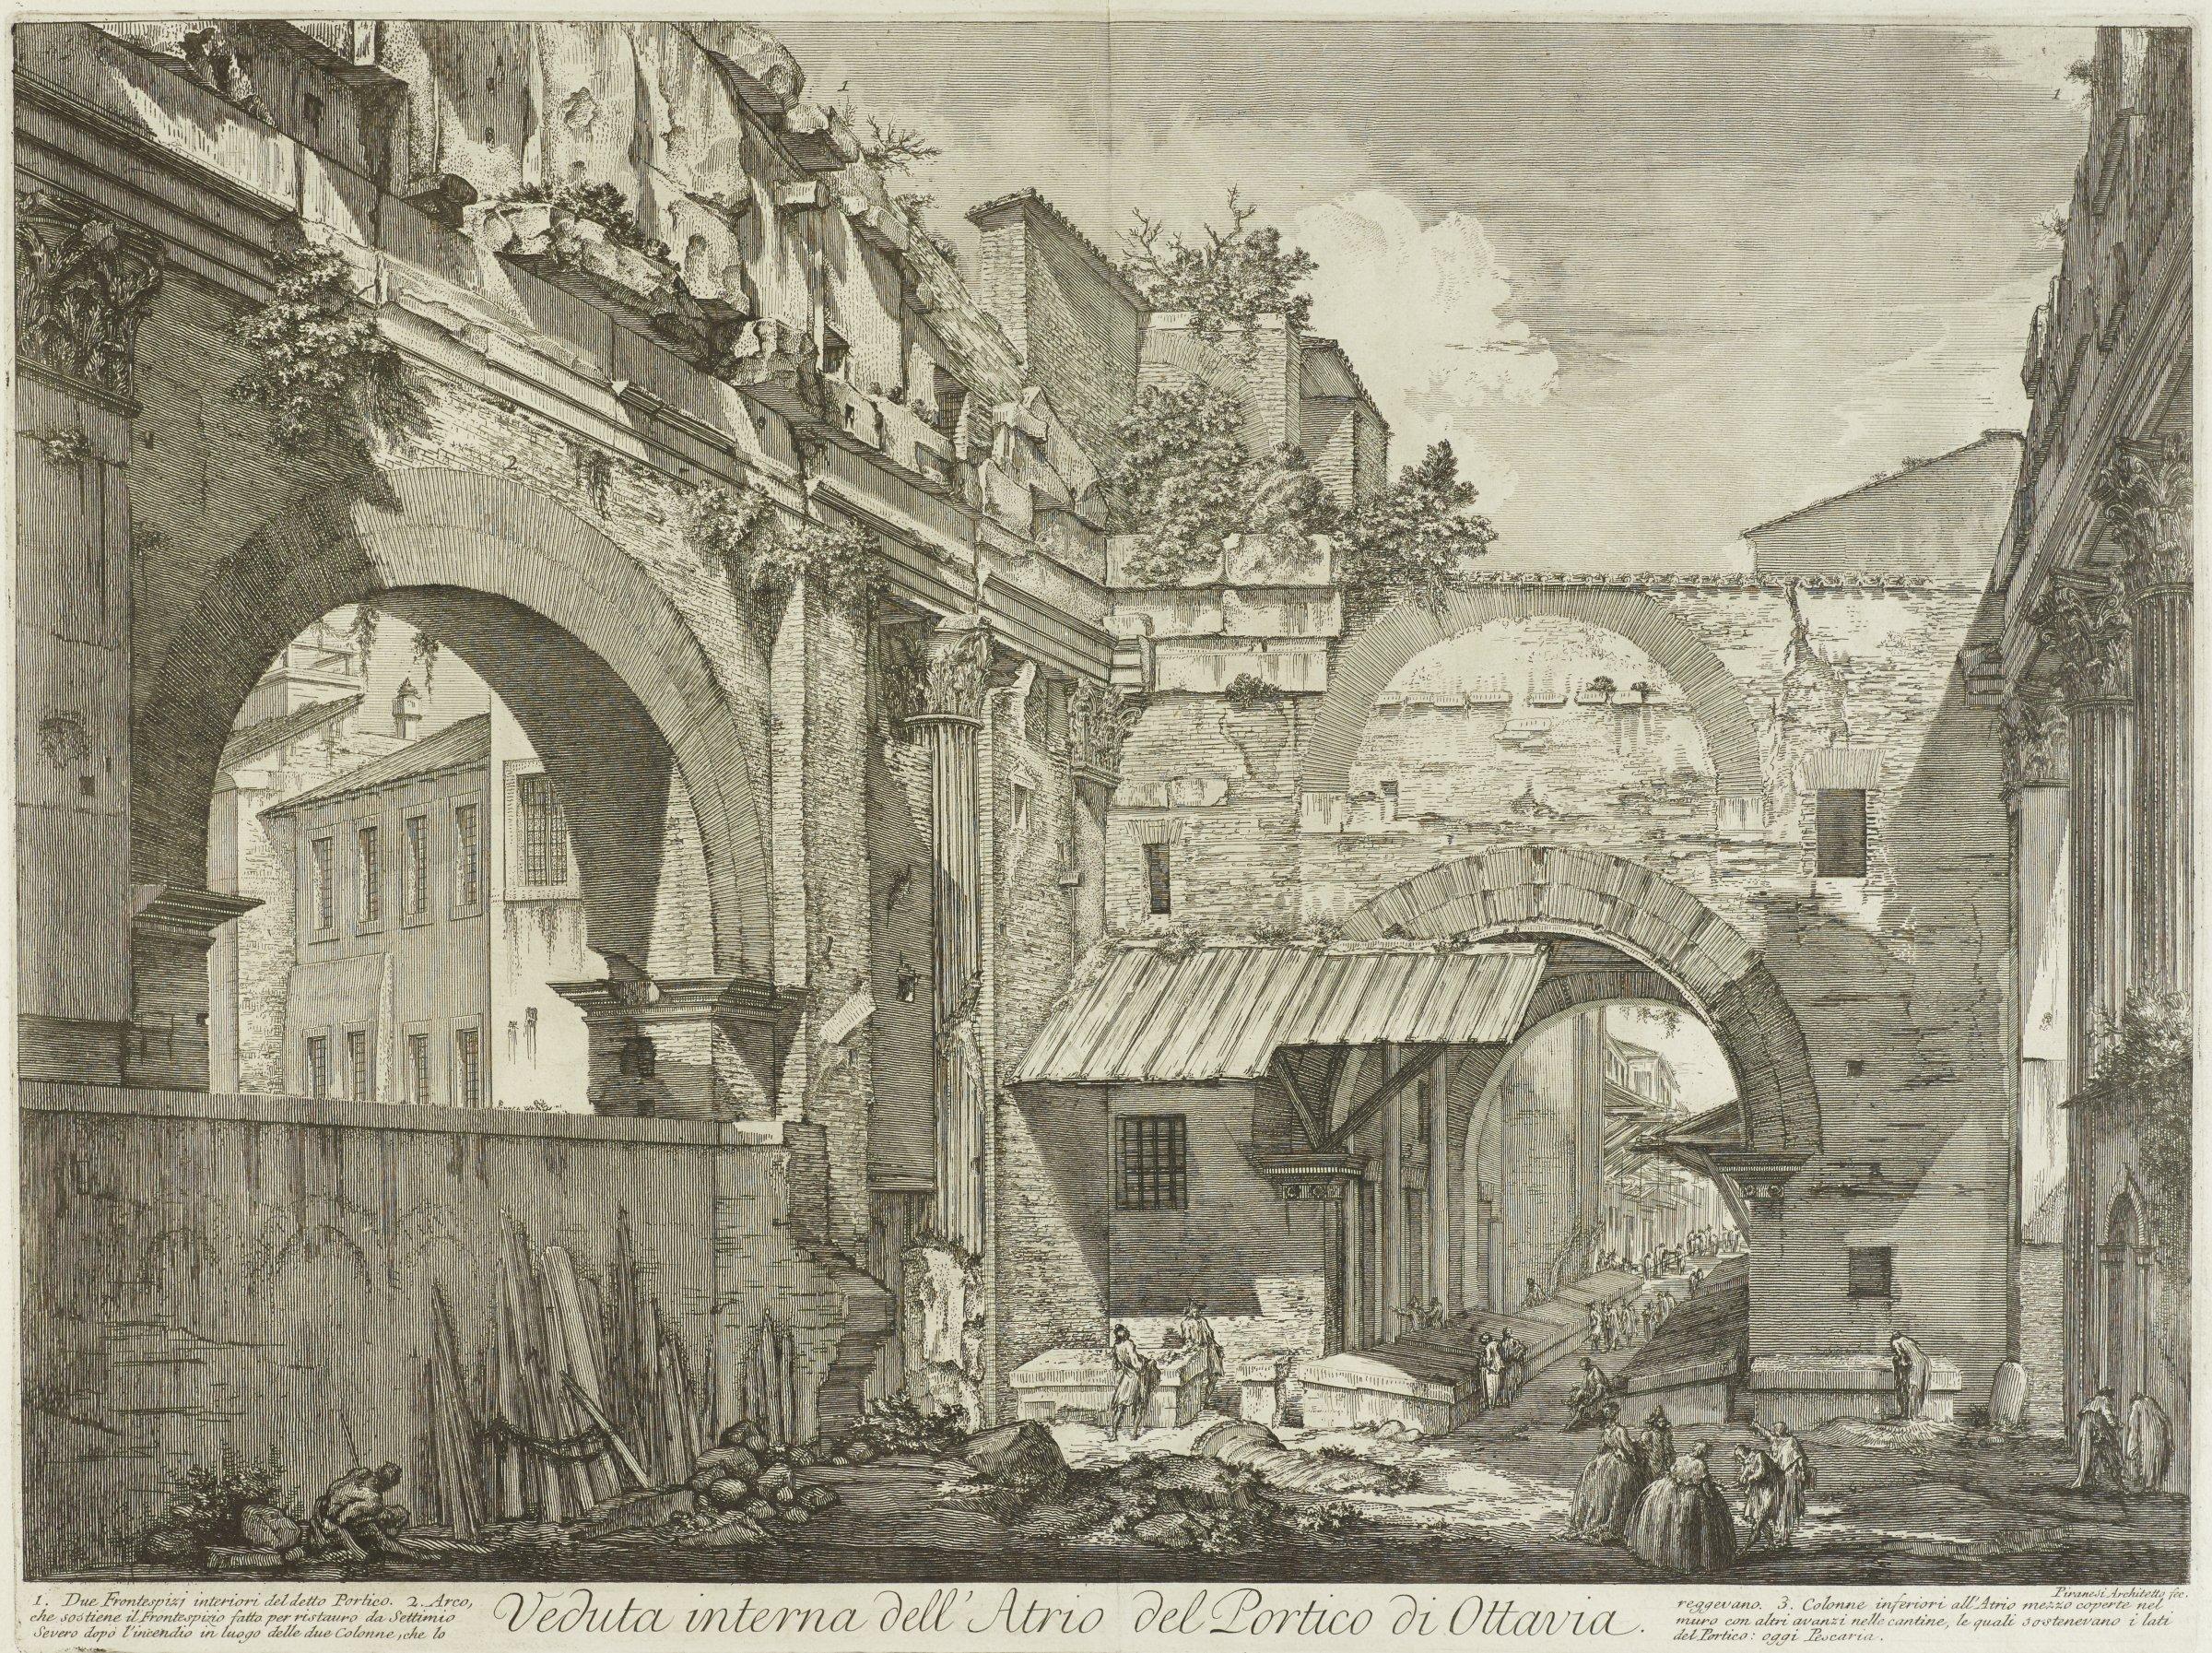 The Portico of Octavia: The Entrance Porch.  Interior, Giovanni Battista Piranesi, etching